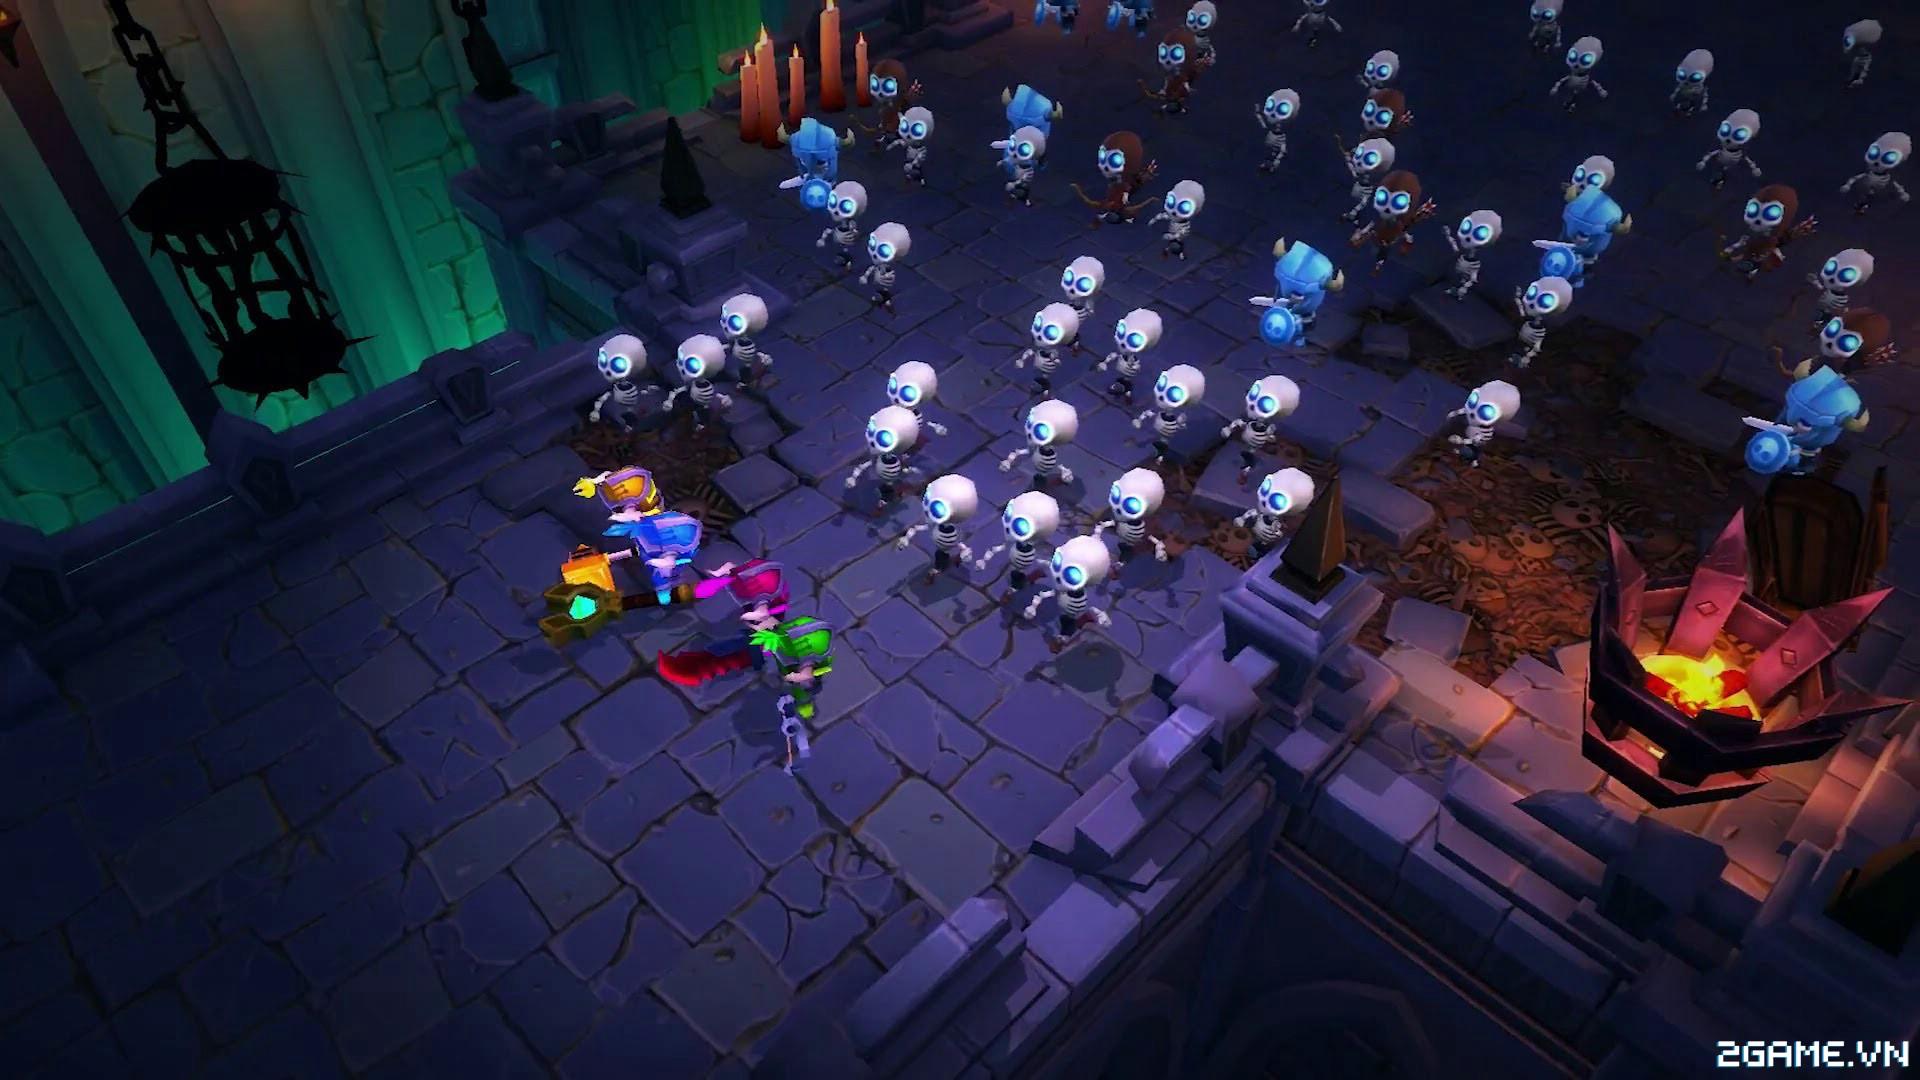 Super Dungeon Bros - Game nhập vai chặt chém kiểu là lạ ngồ ngộ cho chơi miễn phí 0